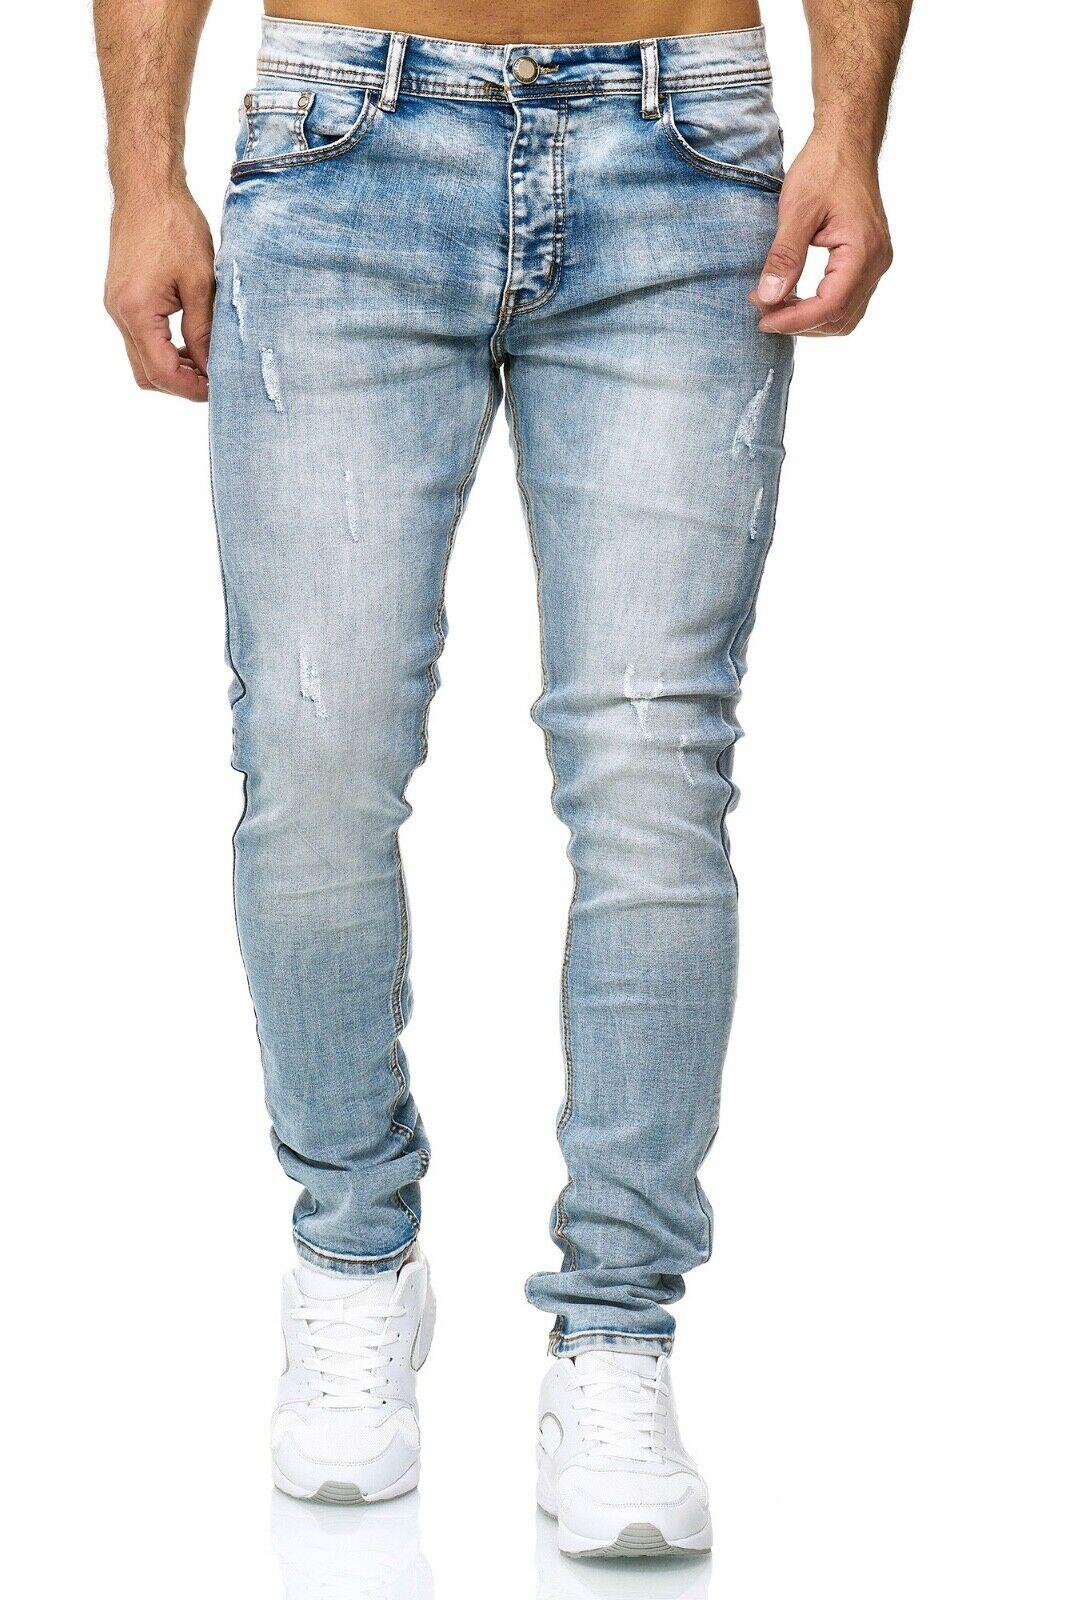 Herren-Jeanshosen-Stretch-Hose-Slim-fit-SKINNY-Jeans-Blau-Schwarz-Grau-Weiss Indexbild 60